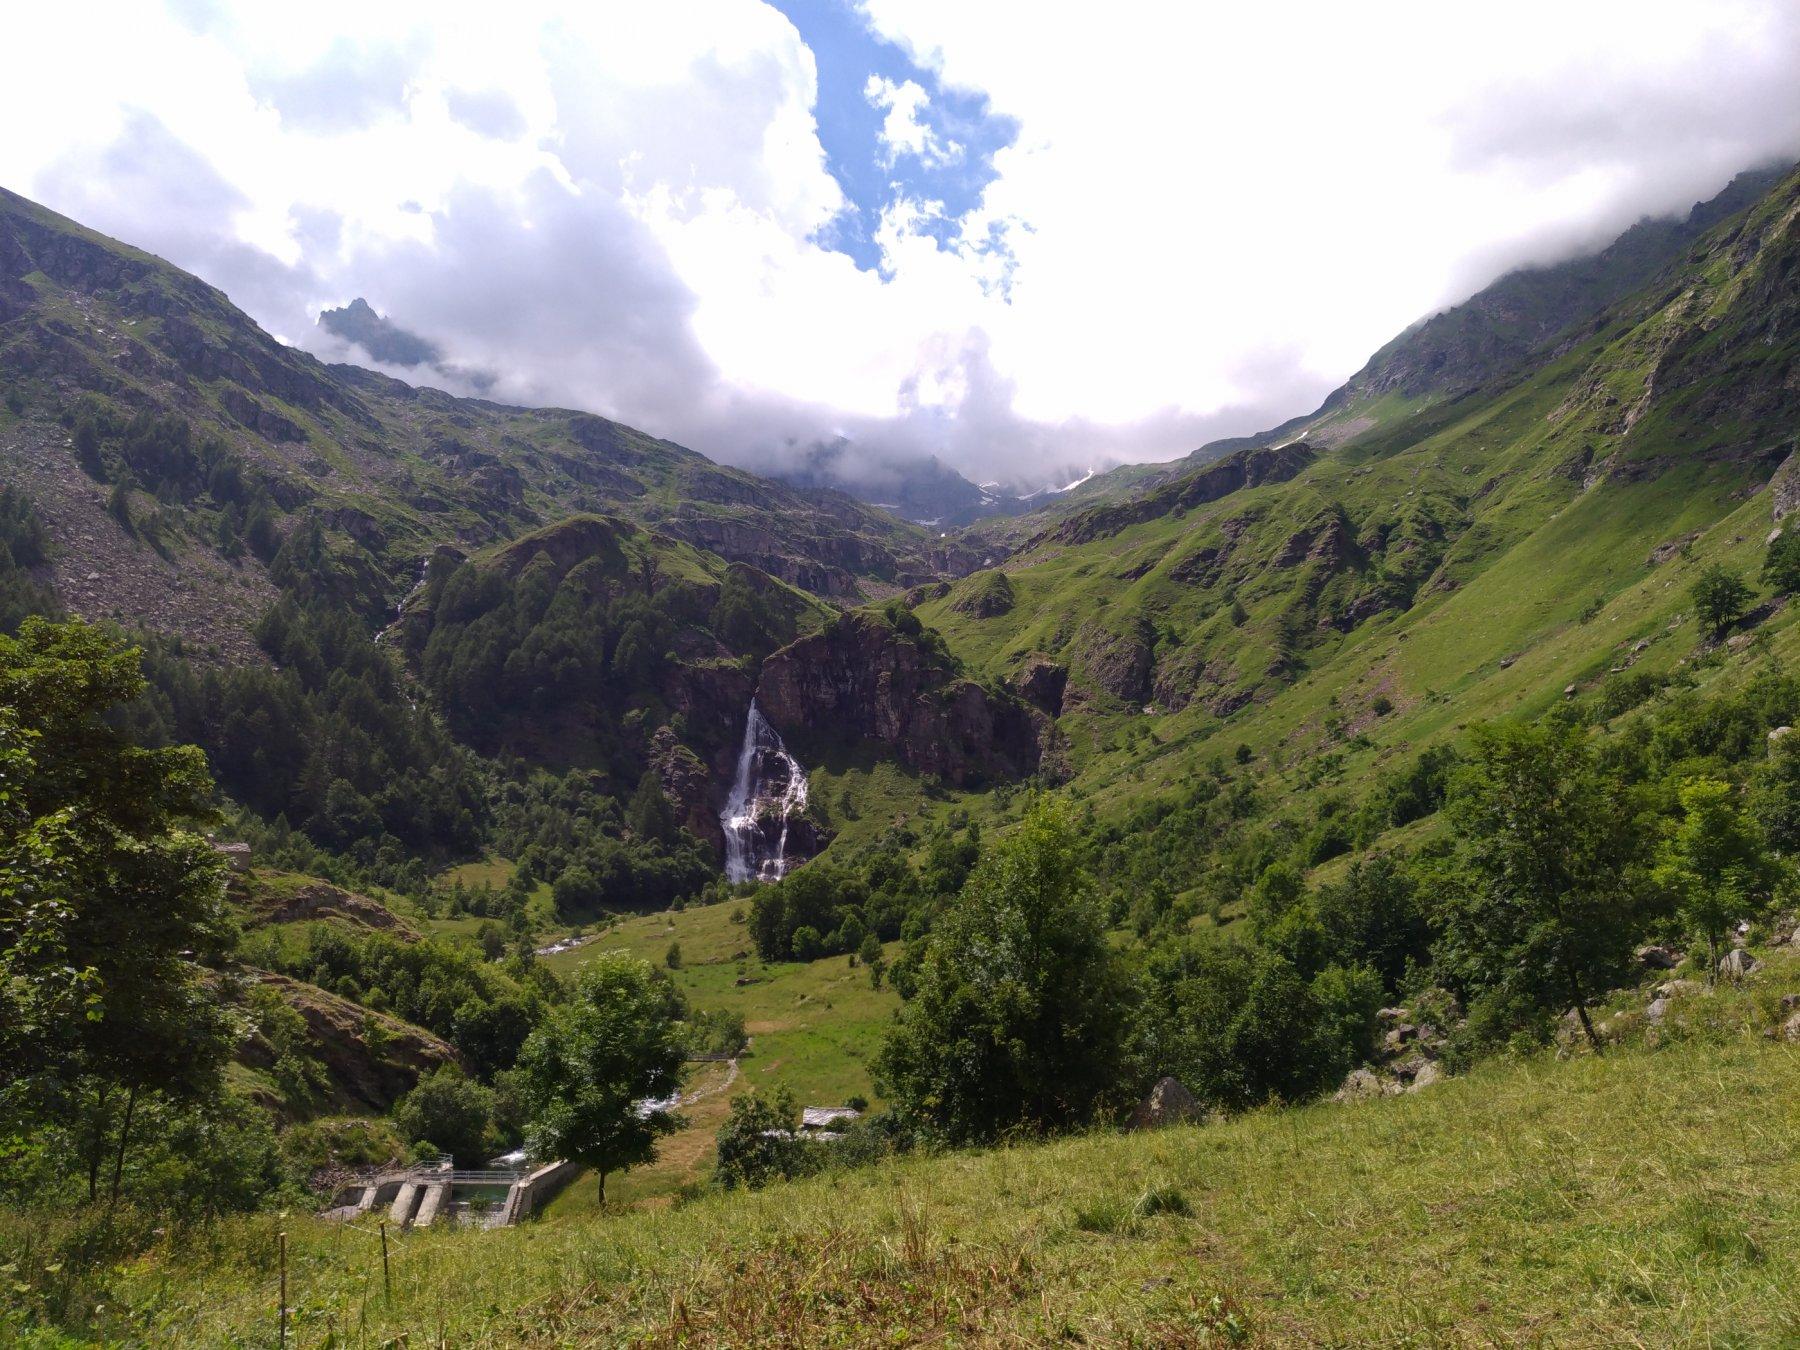 Lo spettacolo della cascata del Roc dalla borgata Cappelle